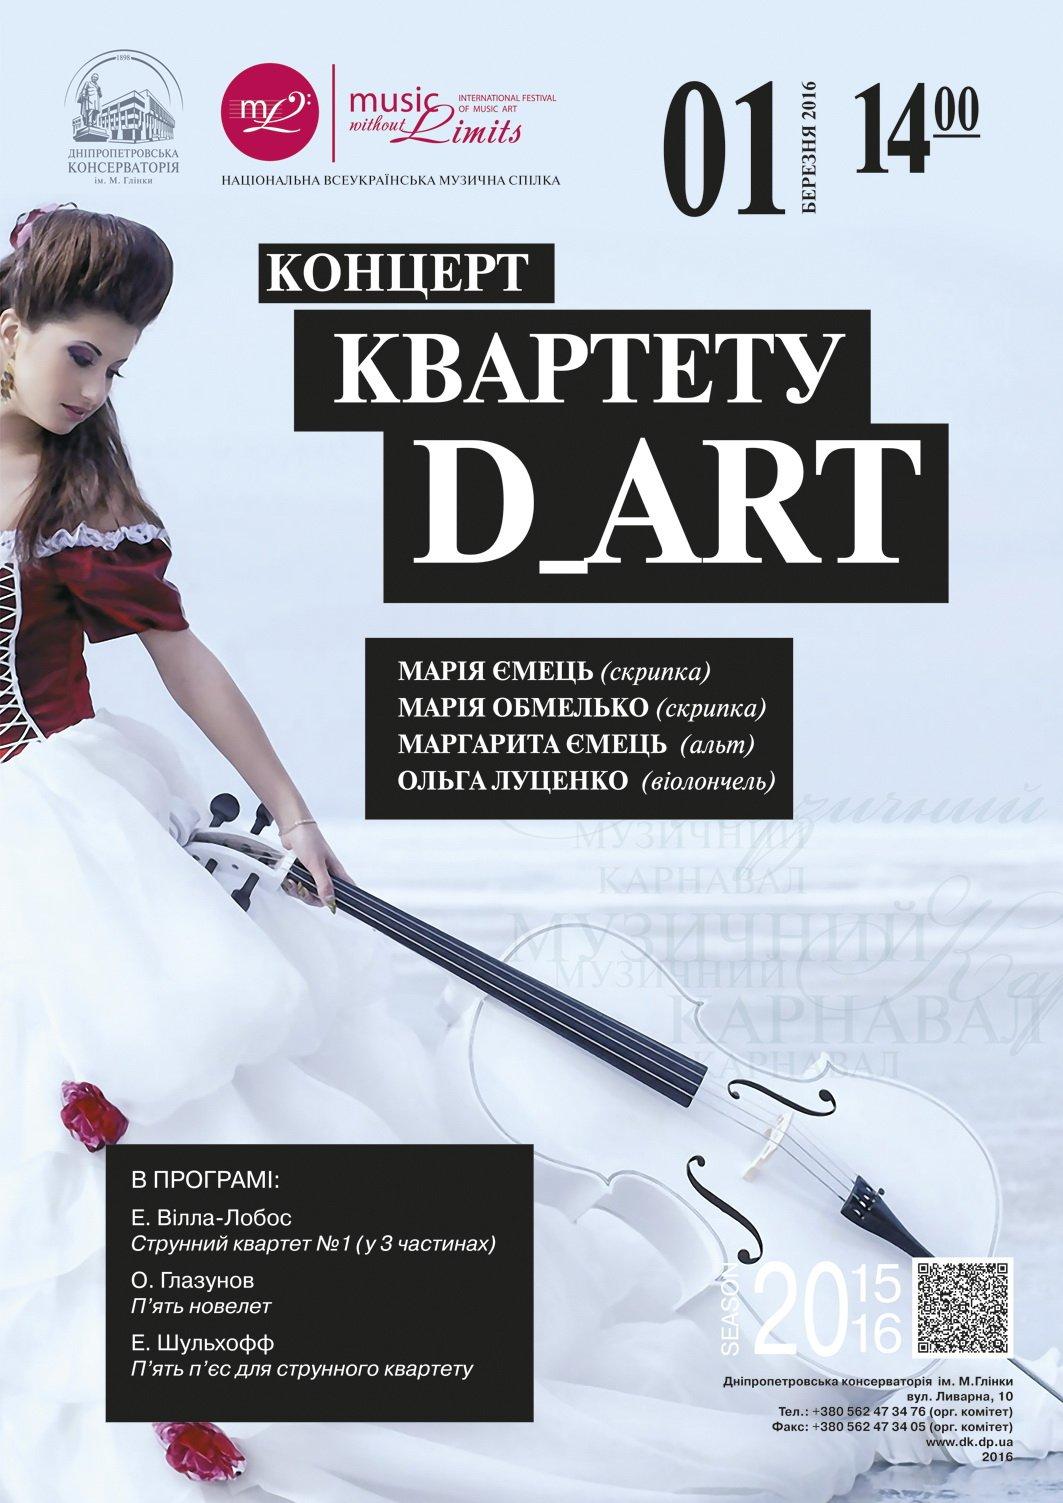 D'ART